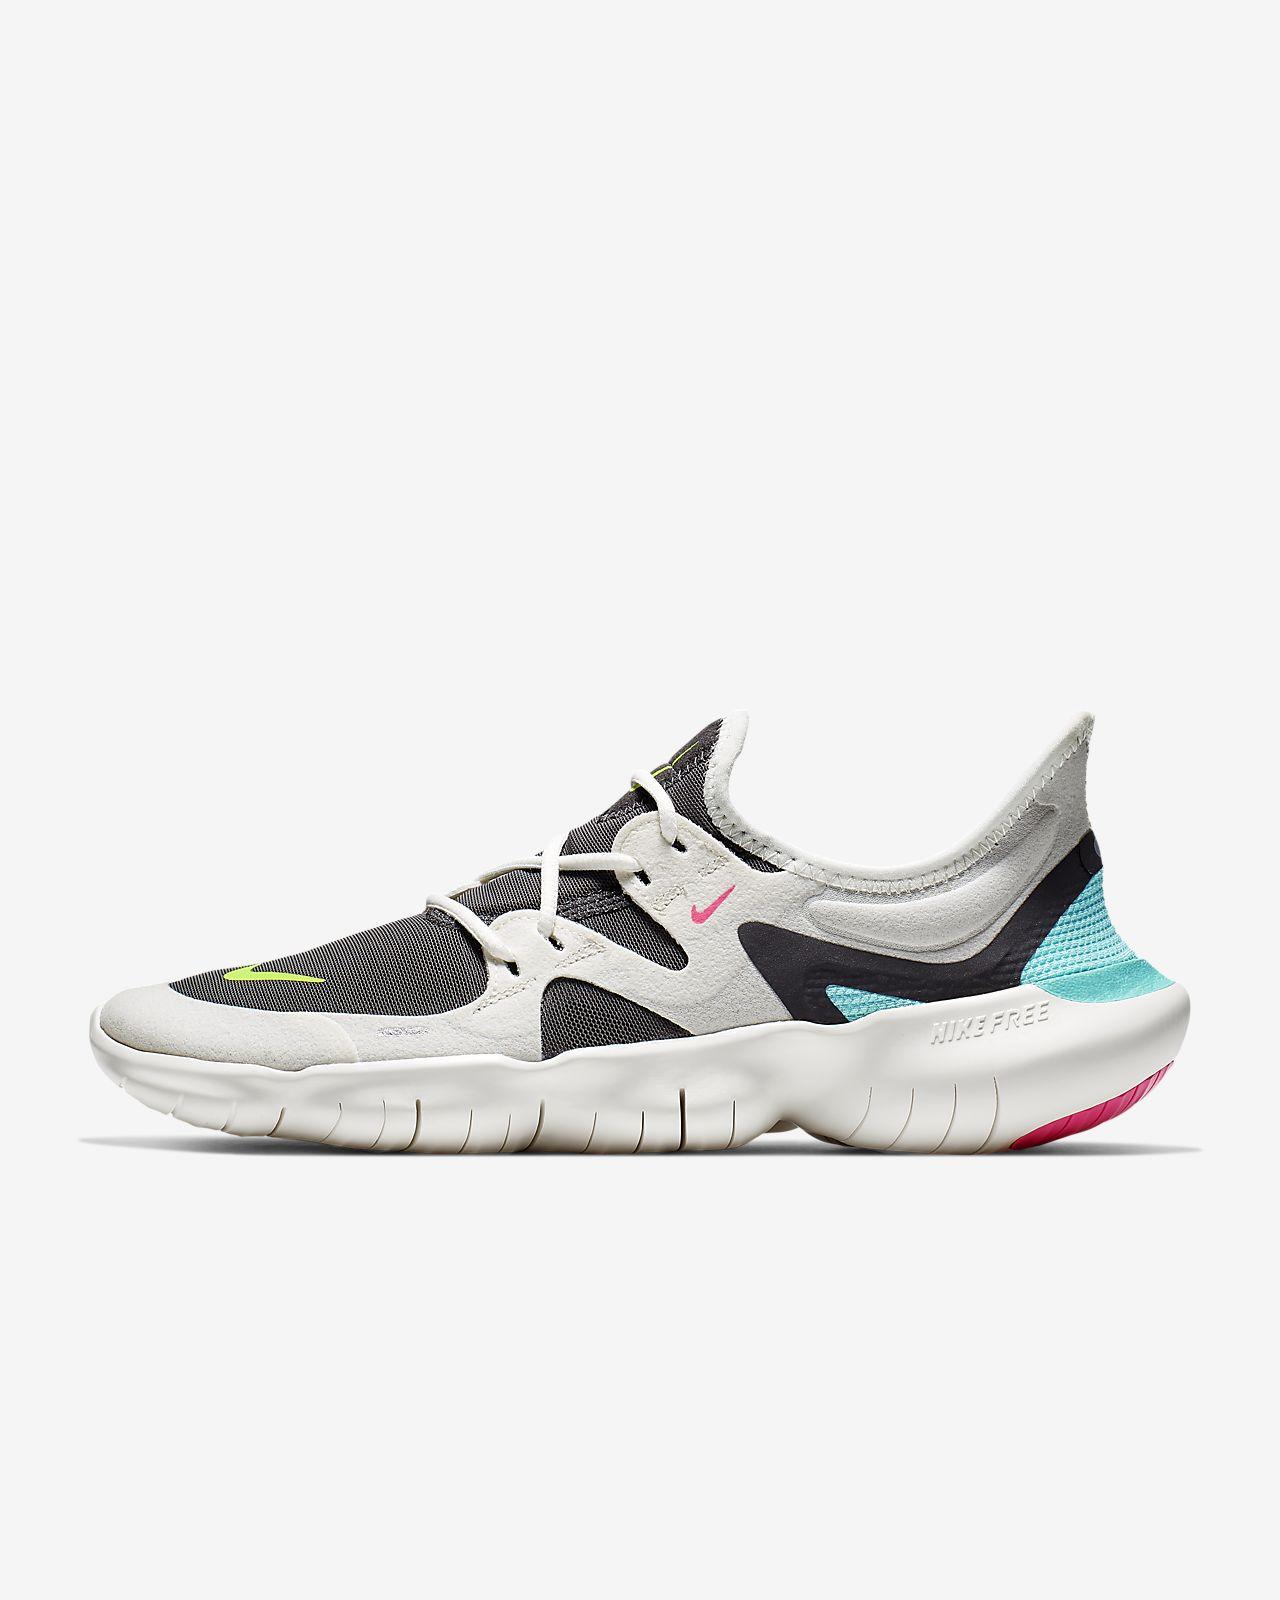 new product 7cad0 5995d ... Löparsko Nike Free RN 5.0 för kvinnor